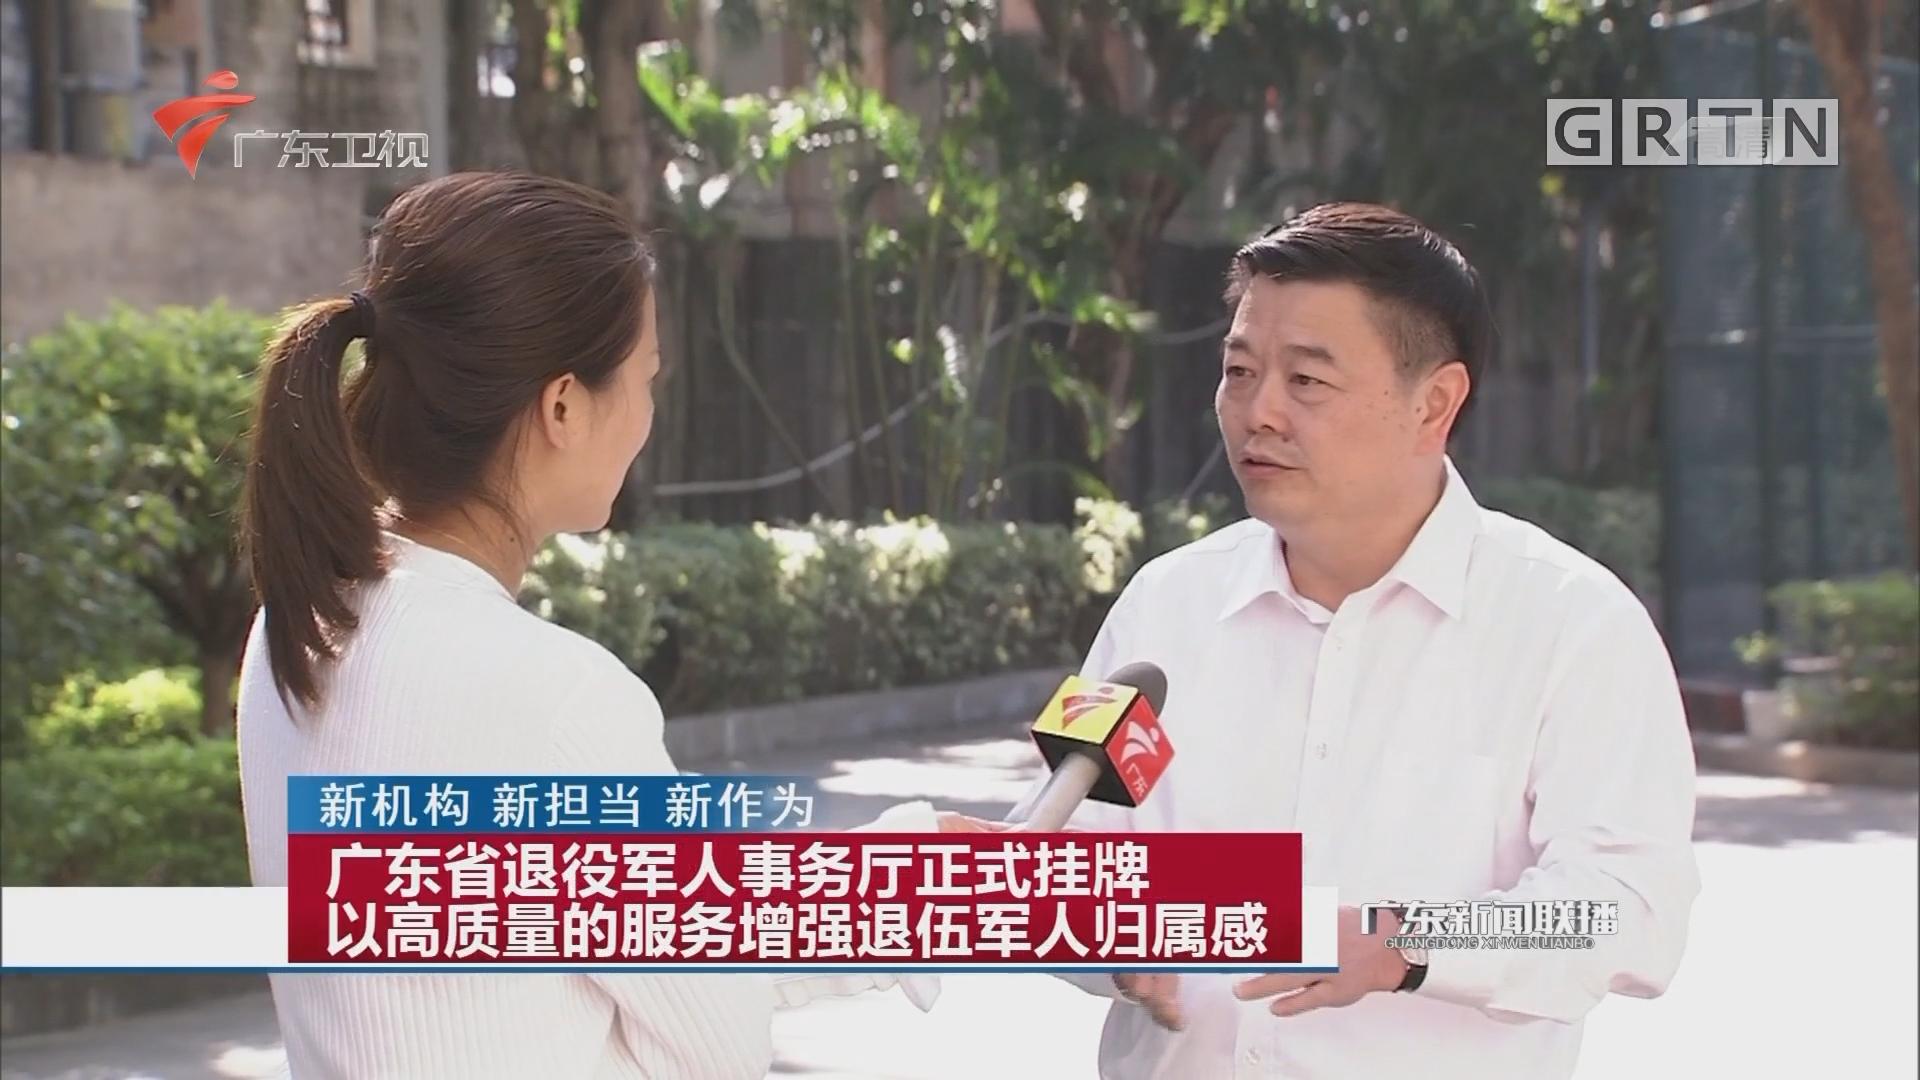 廣東省退役軍人事務廳正式掛牌 以高質量的服務增強退伍軍人歸屬感